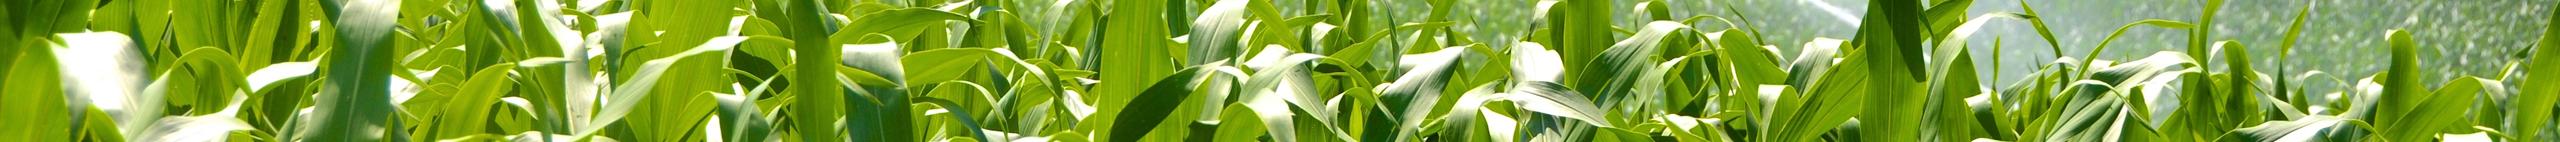 leaf_banner.png